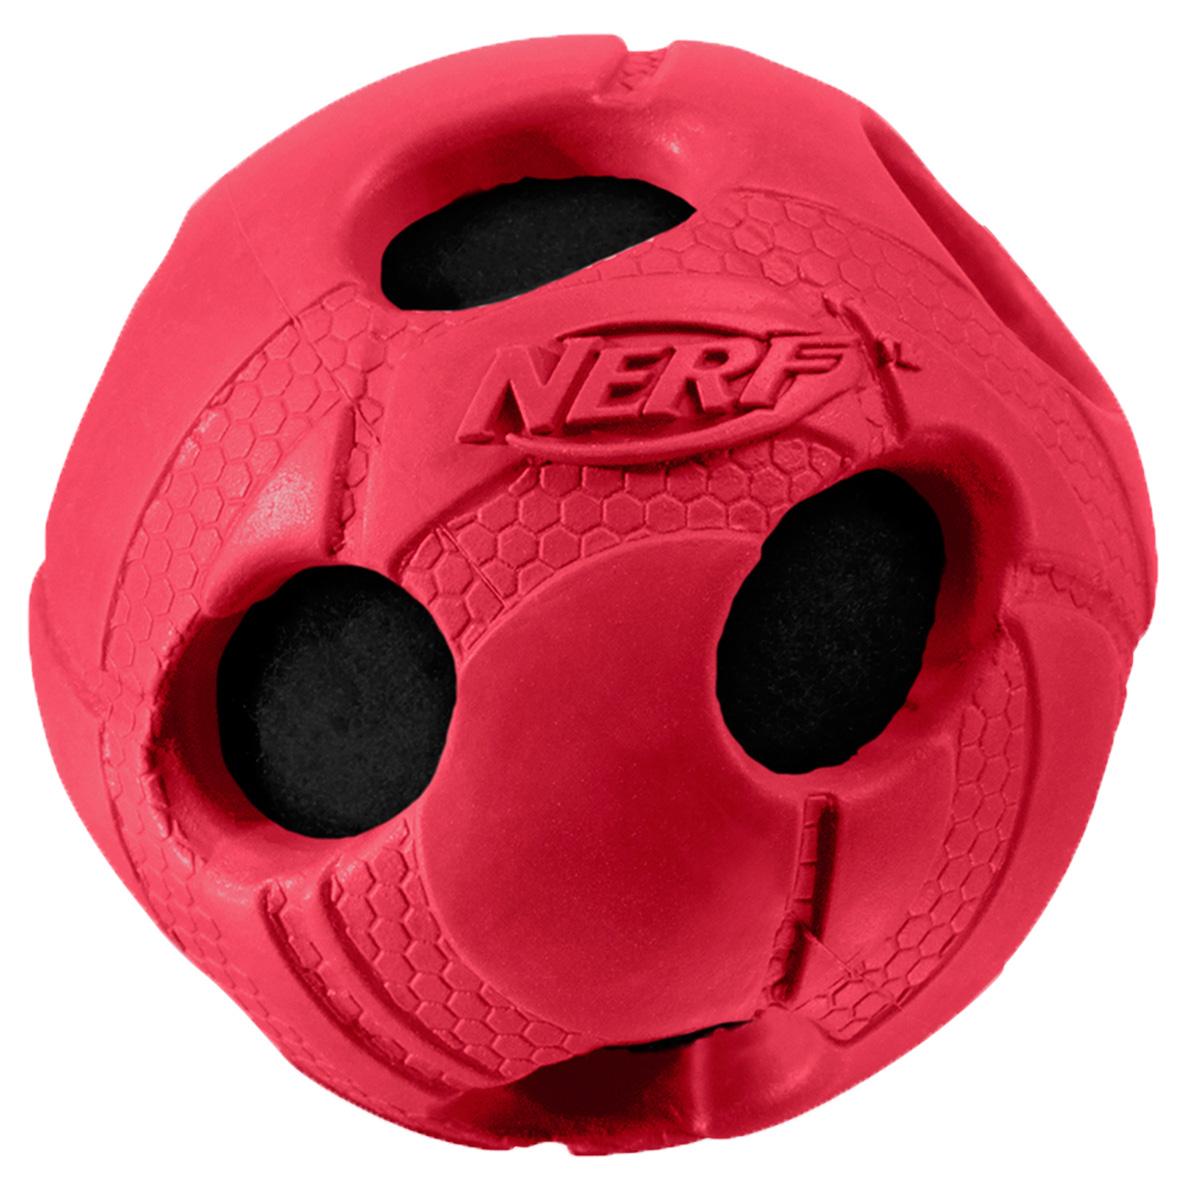 Игрушка для собак Nerf Мяч, с отверстиями, 5 см22262Мяч из прочной резины с теннисным мячем внутри! Высококачественные прочные материалы, из которых изготовлена игрушка, обеспечивают долговечность использования! Звук мяча дополнительно увлекает собаку игрой! Яркие привлекательные цвета! Рельефный рисунок! Игрушки Nerf Dog представлены в различных сериях в зависимости от рисунка, фактуры и материала, из которого они изготовлены (резина, ТПР, нейлон, пластик, каучук). Размер: 5 см, XS.